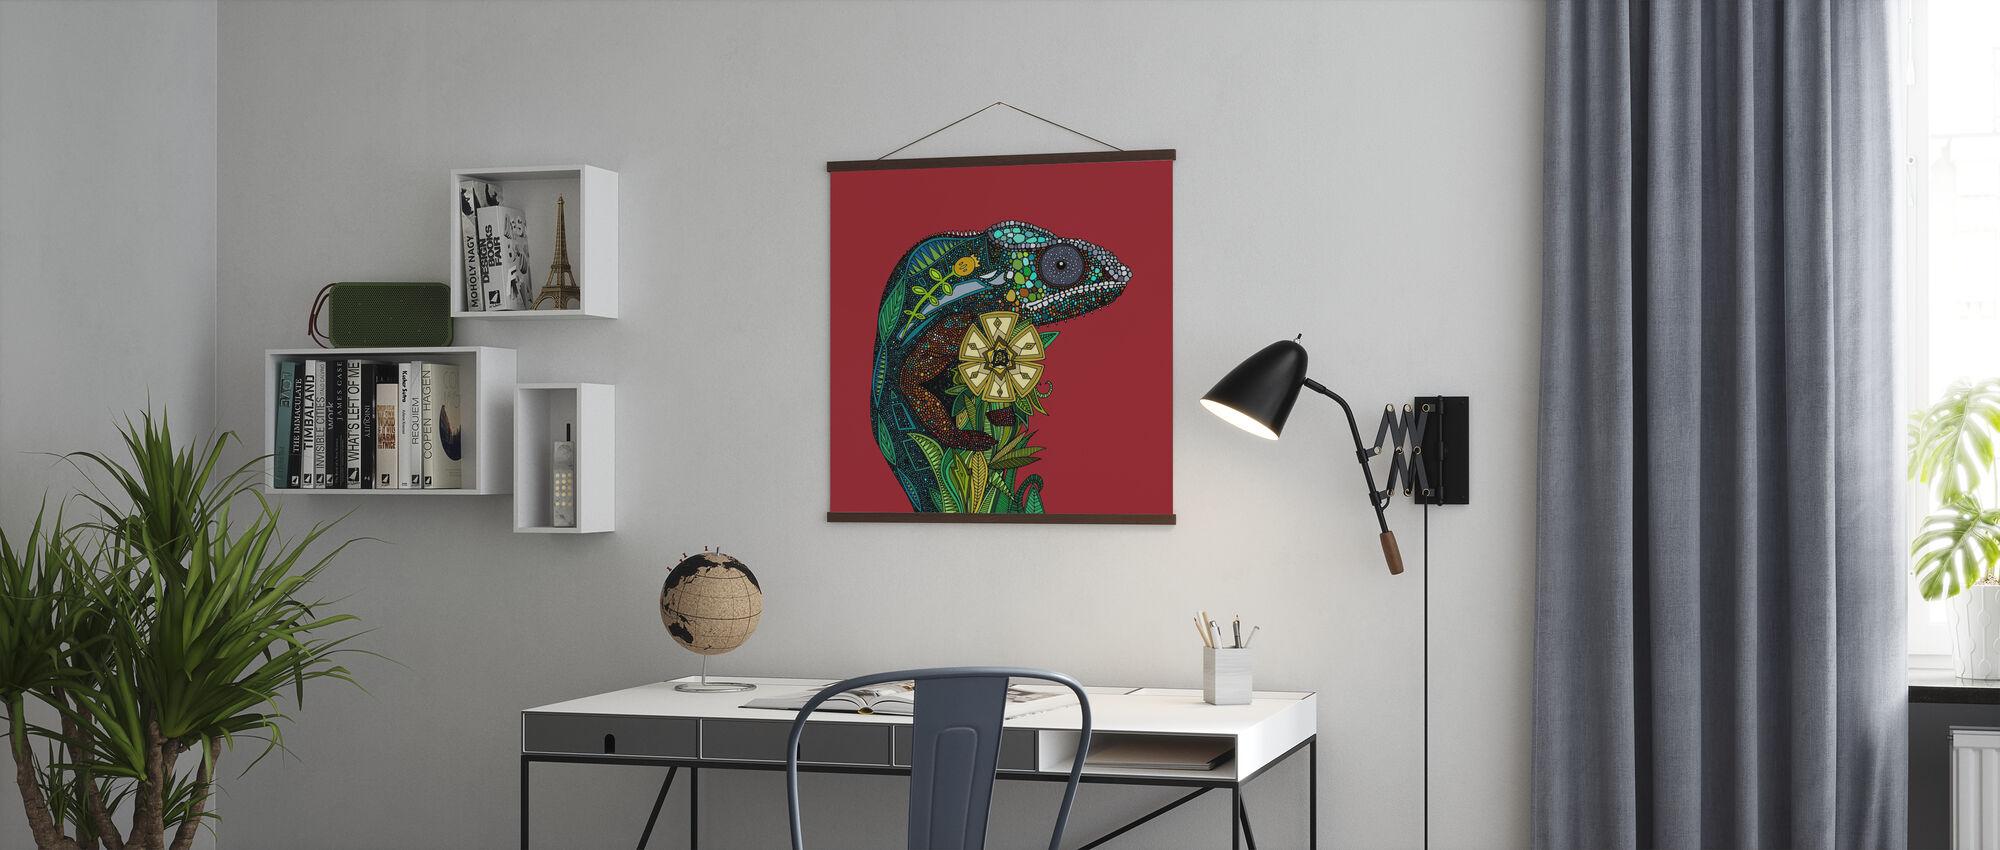 Chameleon - Poster - Office